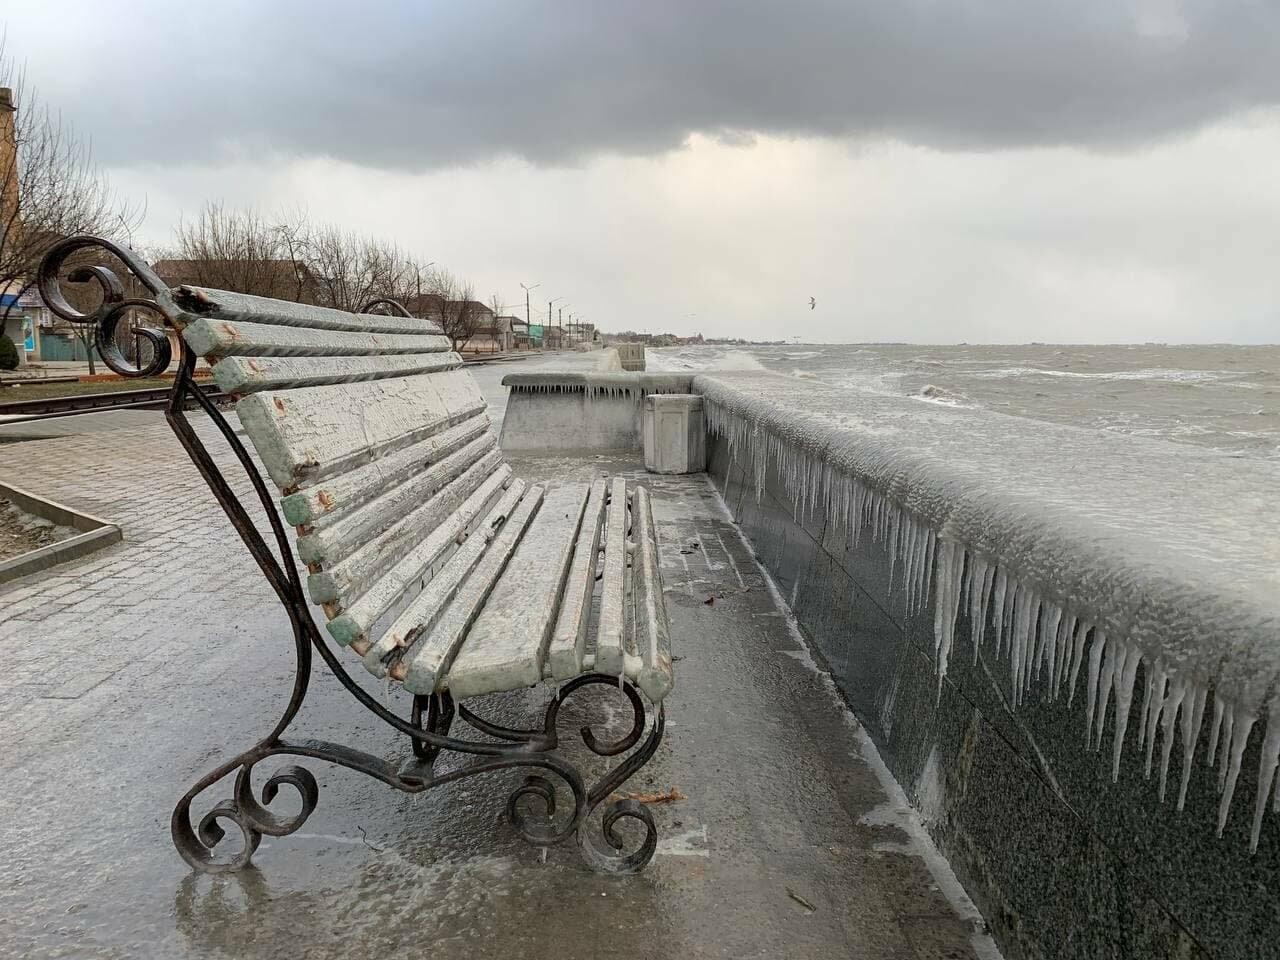 Подписчик 06153 отморозил руки, но прислал фото бердянской Набережной (ФОТО), фото-10